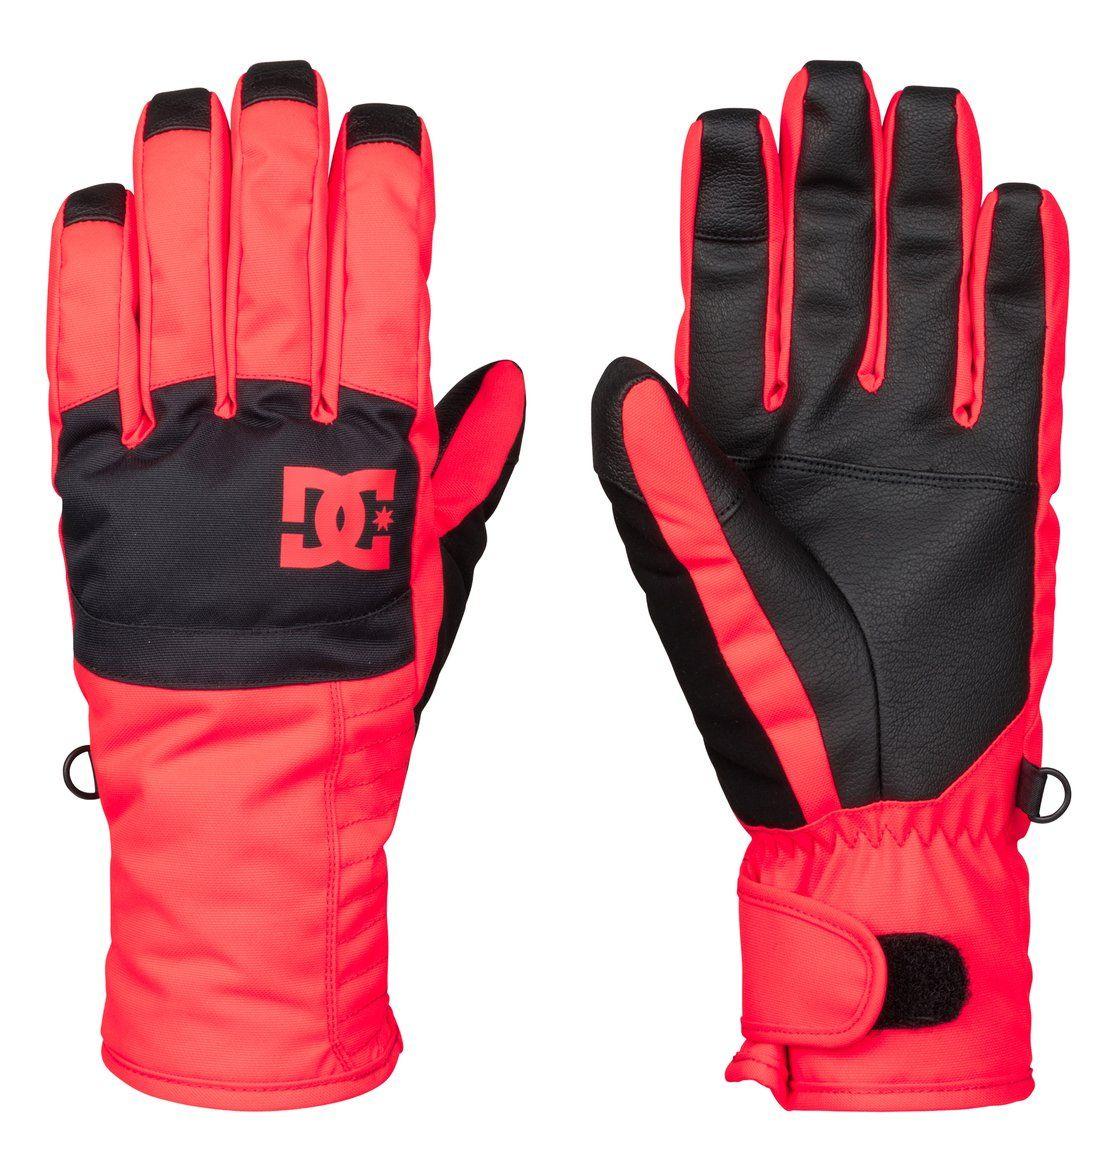 Перчатки женские DC Shoes Seger Wmn Glove, цвет: оранжево-коралловый, черный. EDJHN03007-MKZ0. Размер S (6,5/7)EDJHN03007-MKZ0